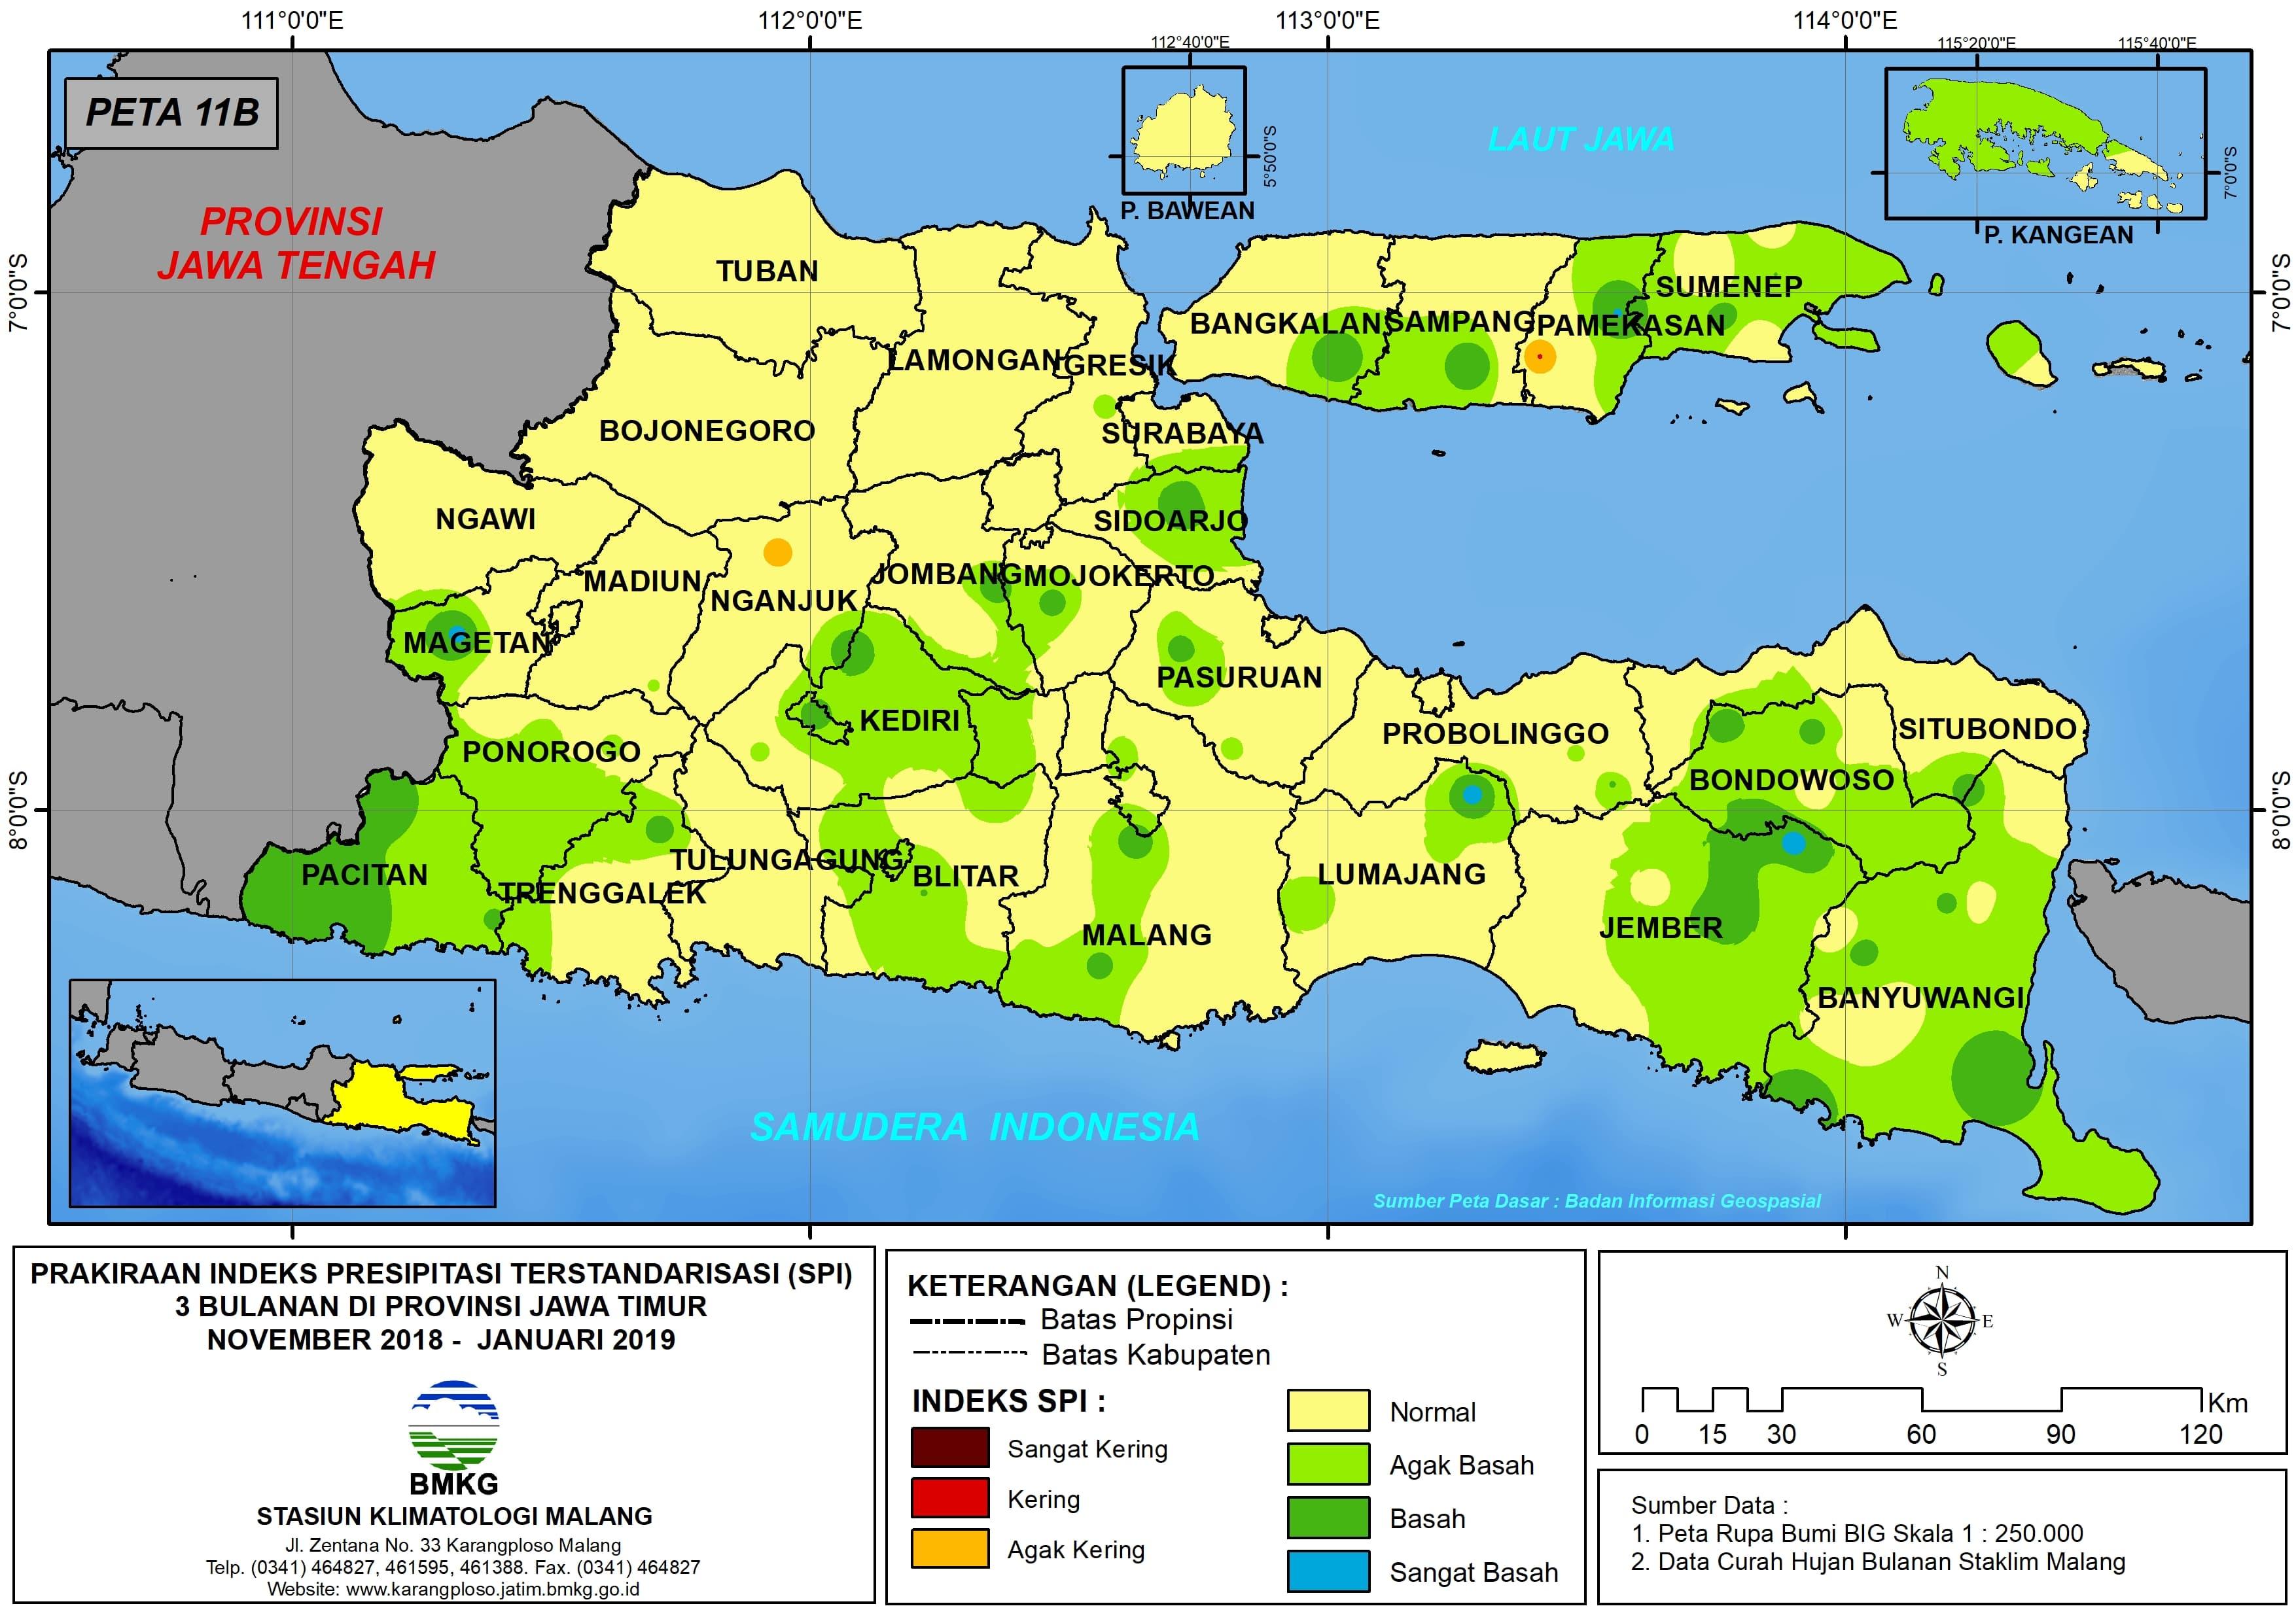 11 Prakiraan Indeks Presipitasi Terstandarisasi SPI 3 Bulanan di Provinsi Jawa Timur Bulan November Desember Tahun 2018 Bulan Januari Tahun 2019 Update dari Analisis Bulan November 2018